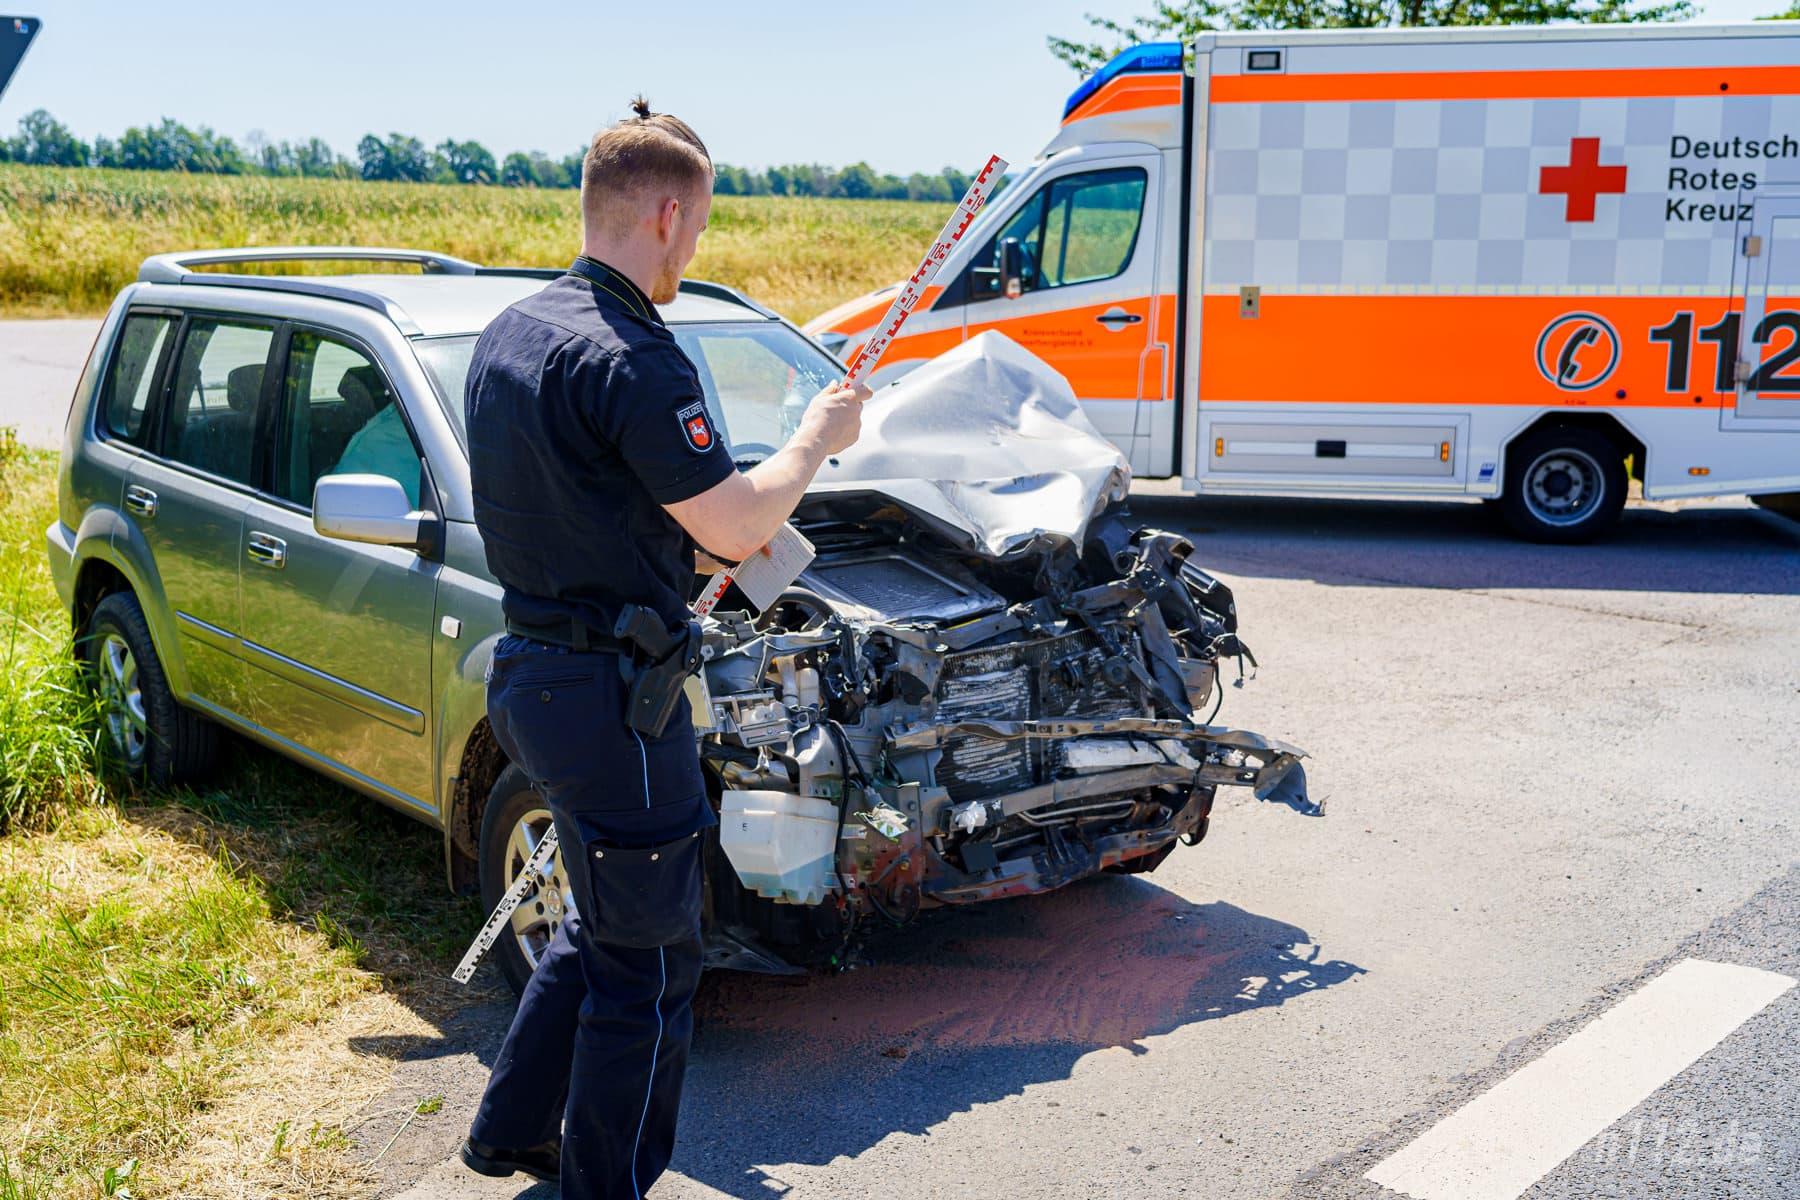 Der Verursacher erlitt einen Schock, wurde aber sonst nicht verletzt (Foto: n112.de/Stefan Simonsen)